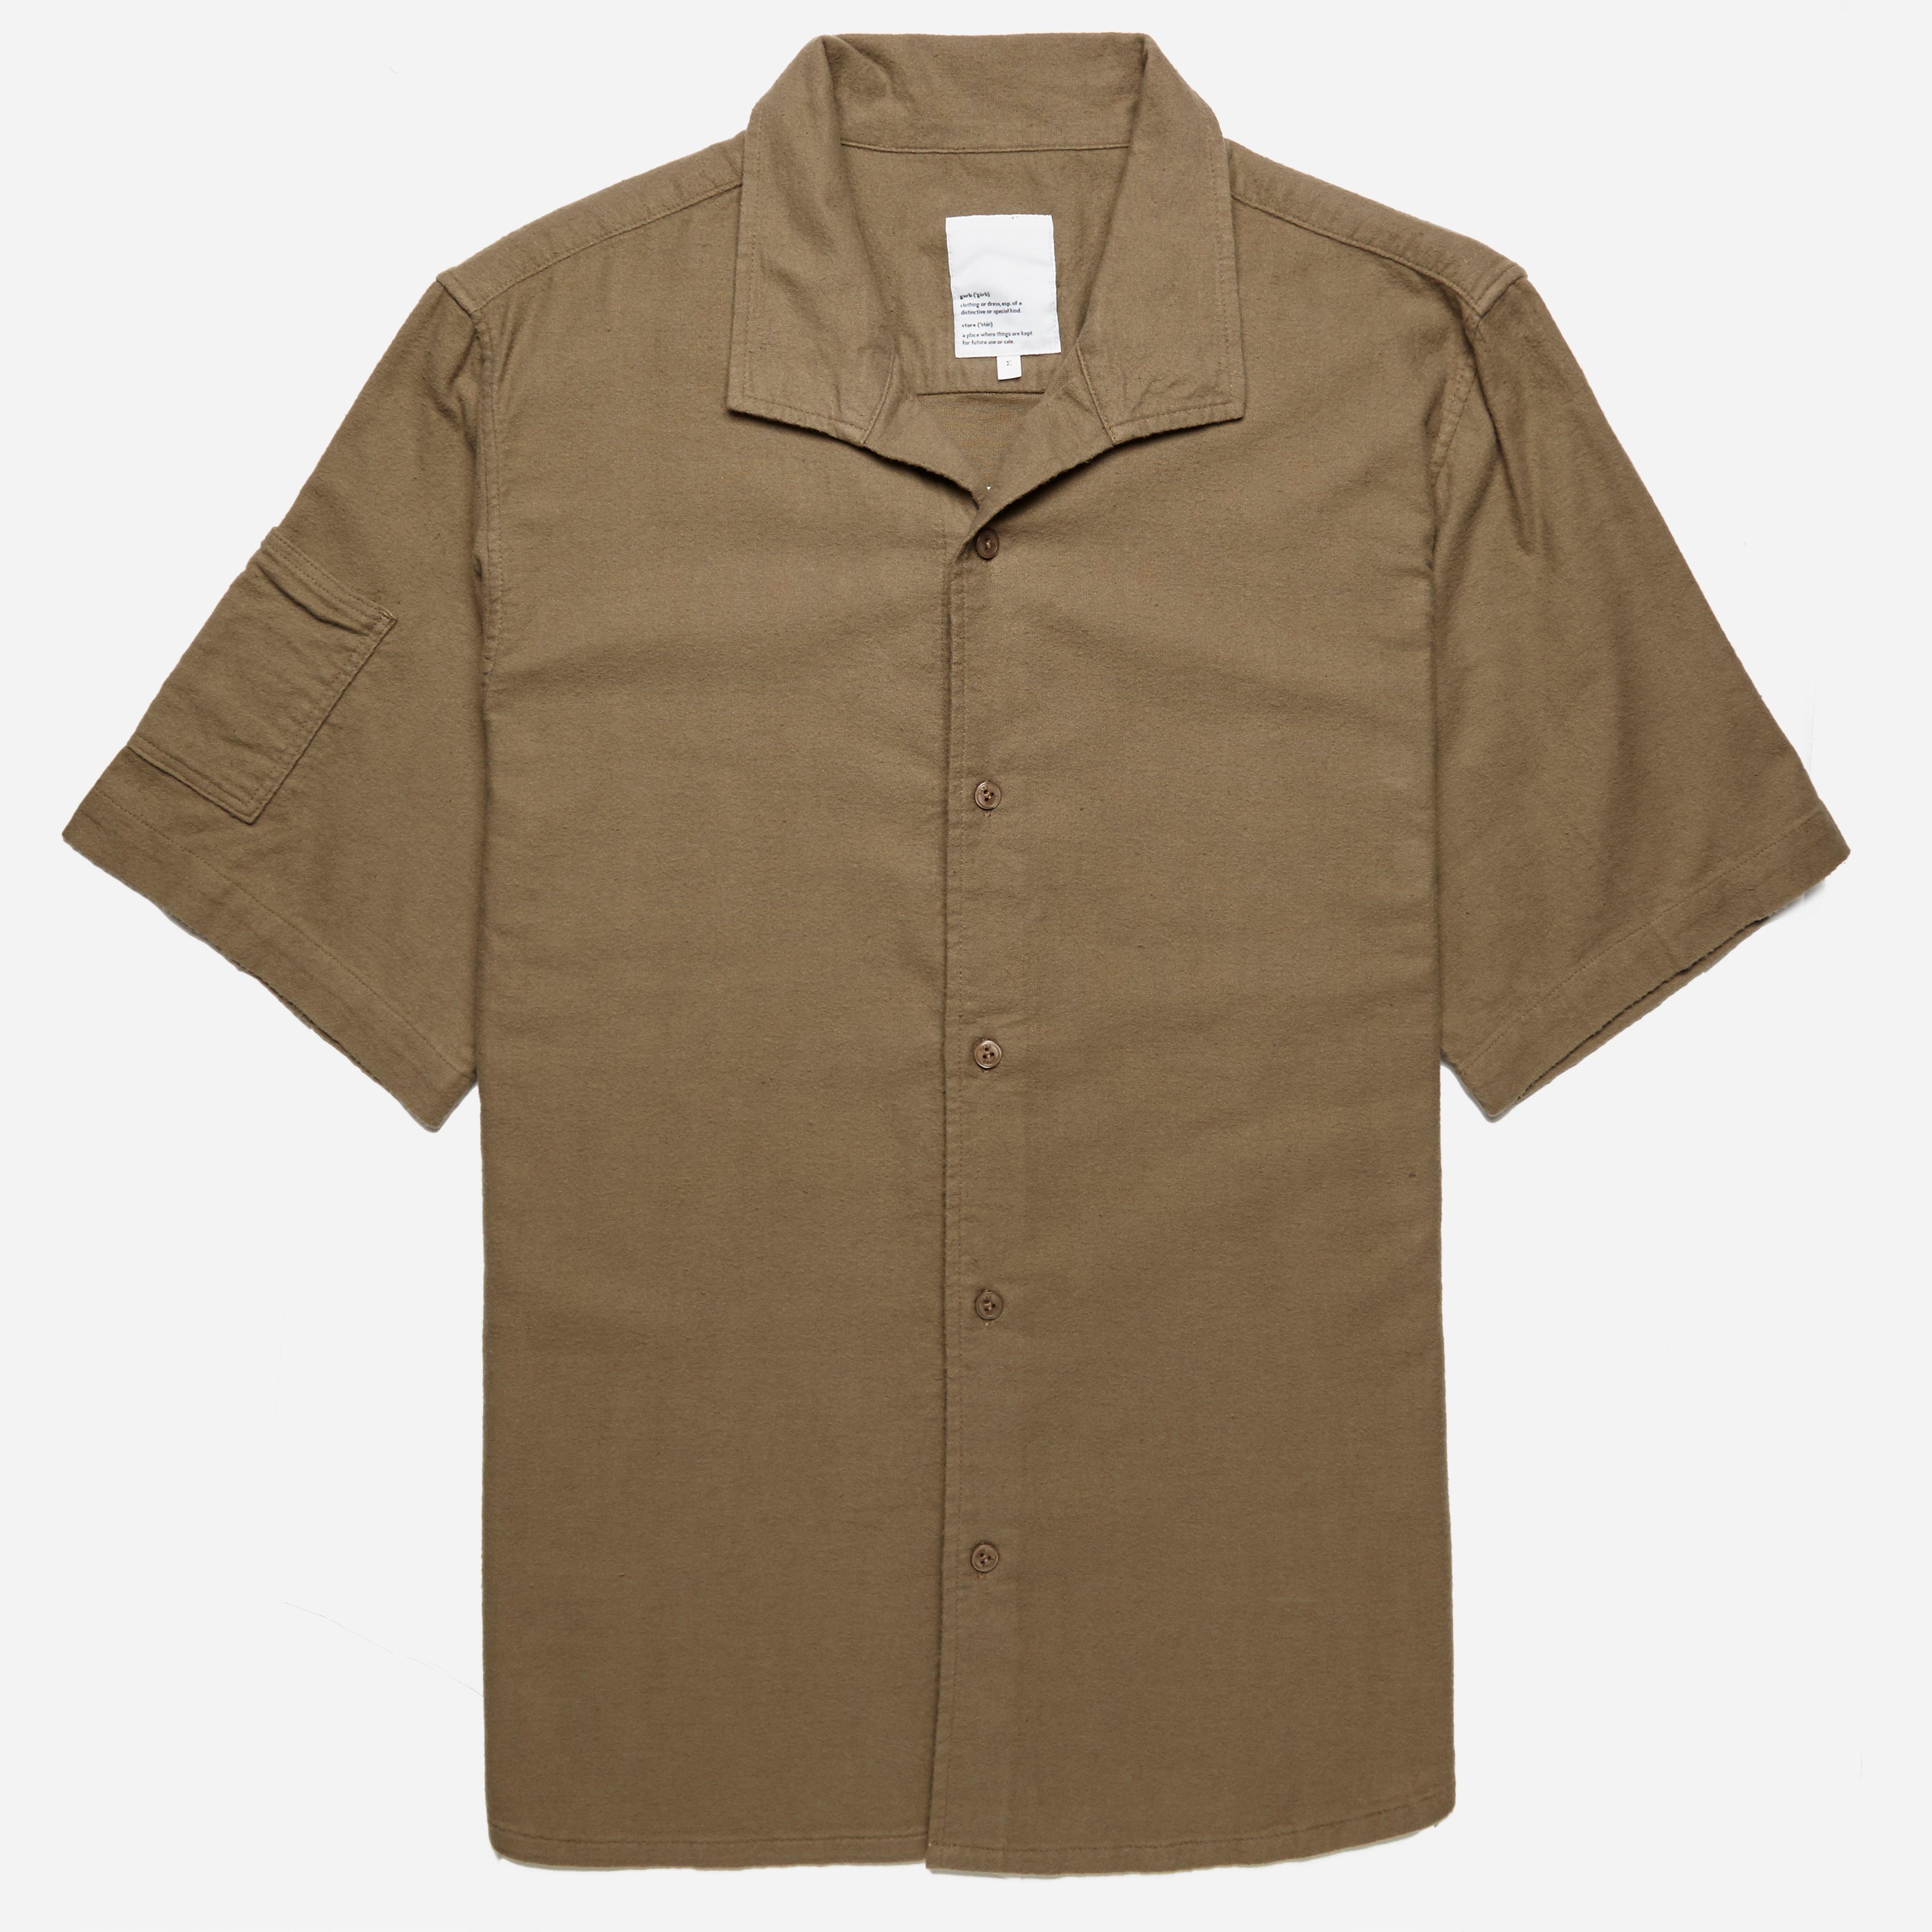 Garbstore Slacker Flannel Short Sleeve Shirt